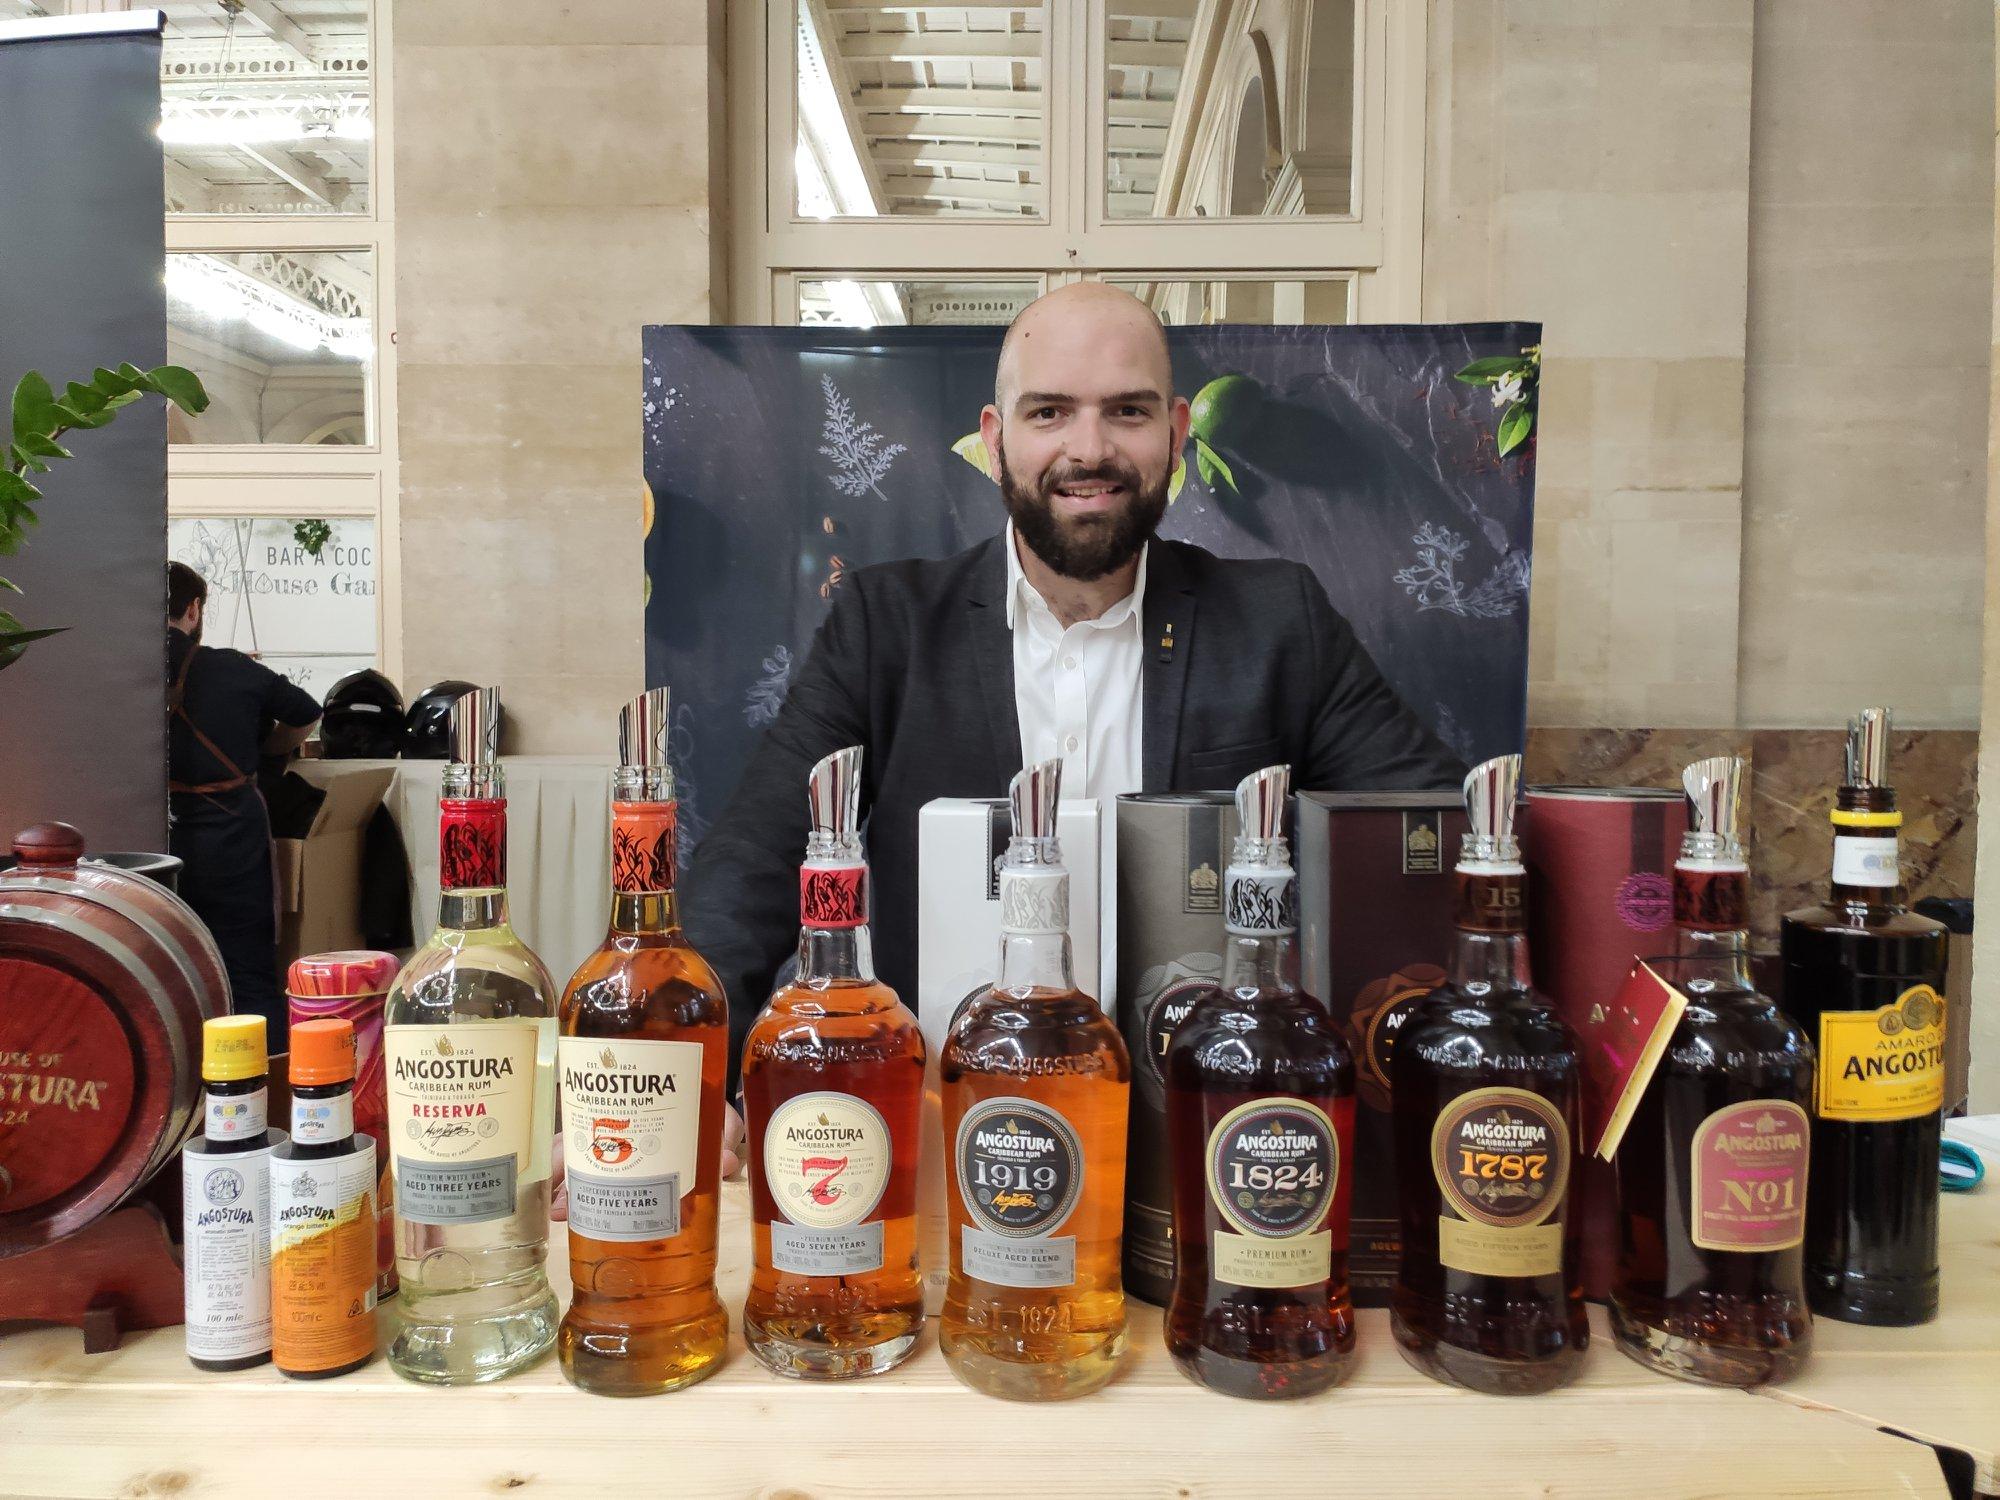 Pedro Martinez - Brand ambassador Angostura